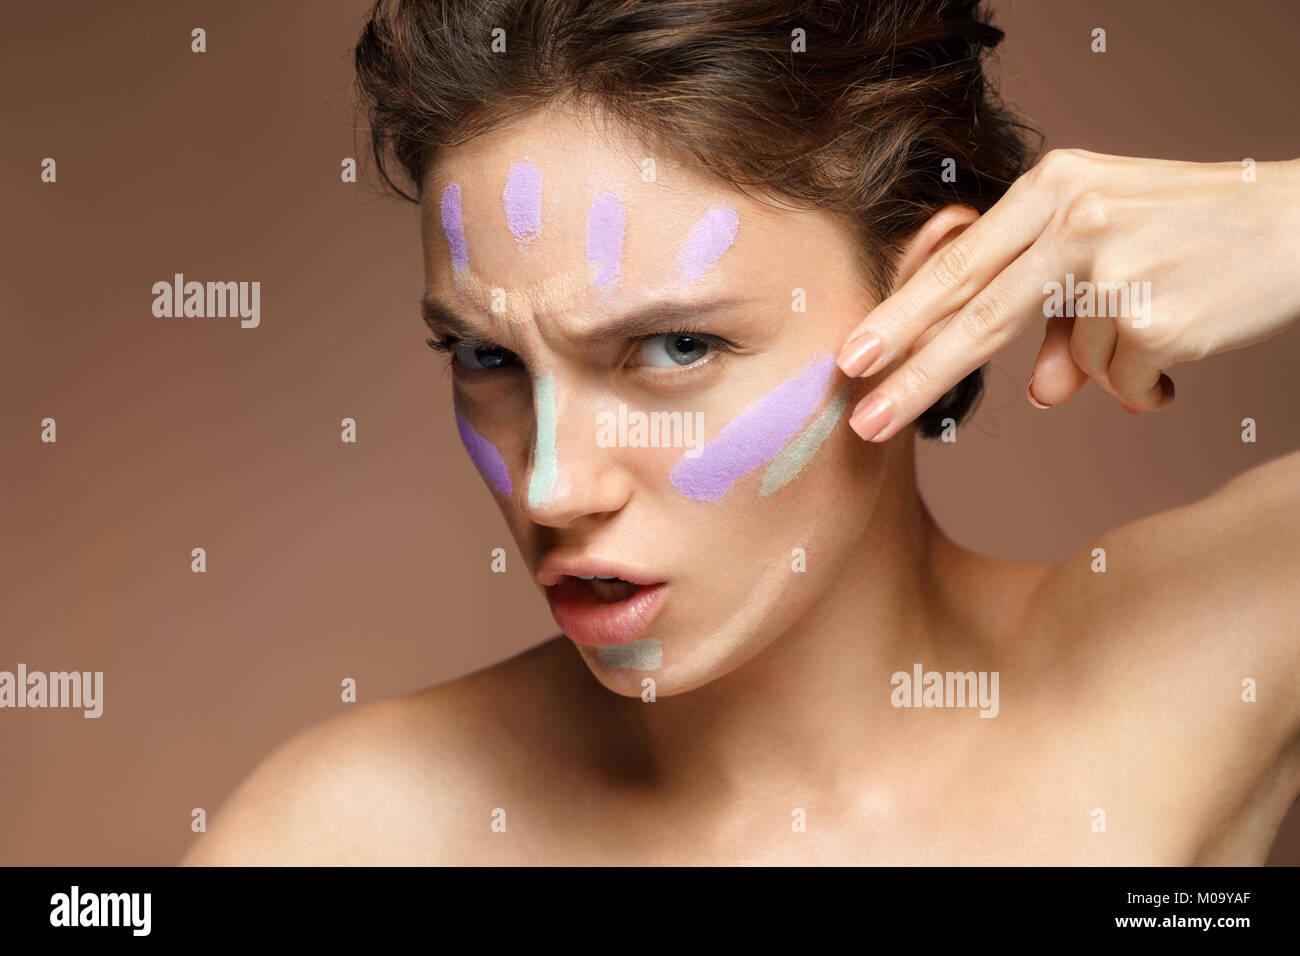 Resolute femme à l'aide de maquillage anticerne. Photo de belle femme brune sur fond brun. Concept de soins de la Banque D'Images